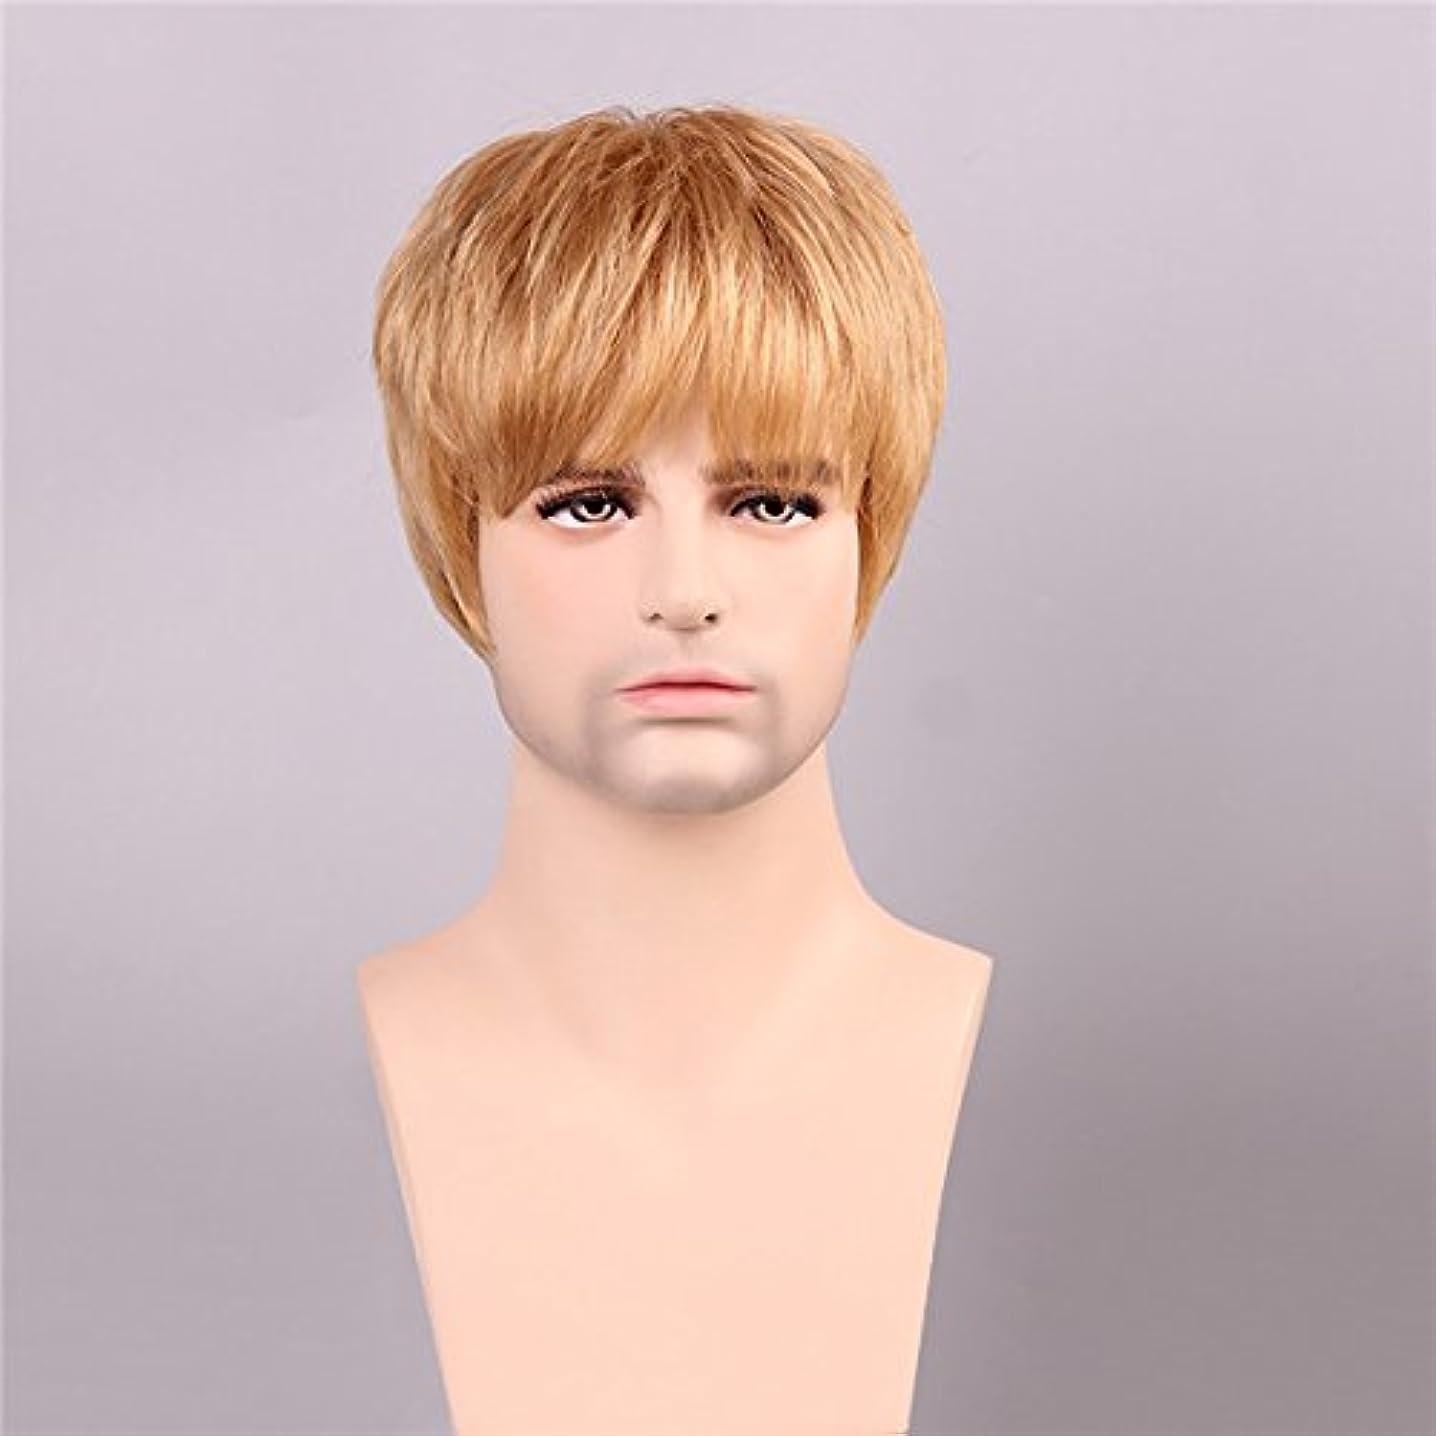 ボット感情のクロールYZUEYT 男性の人間の髪のウィッグゴールデンブラウンブロンドショートモノラルトップ男性男性レミーCapless YZUEYT (Size : One size)